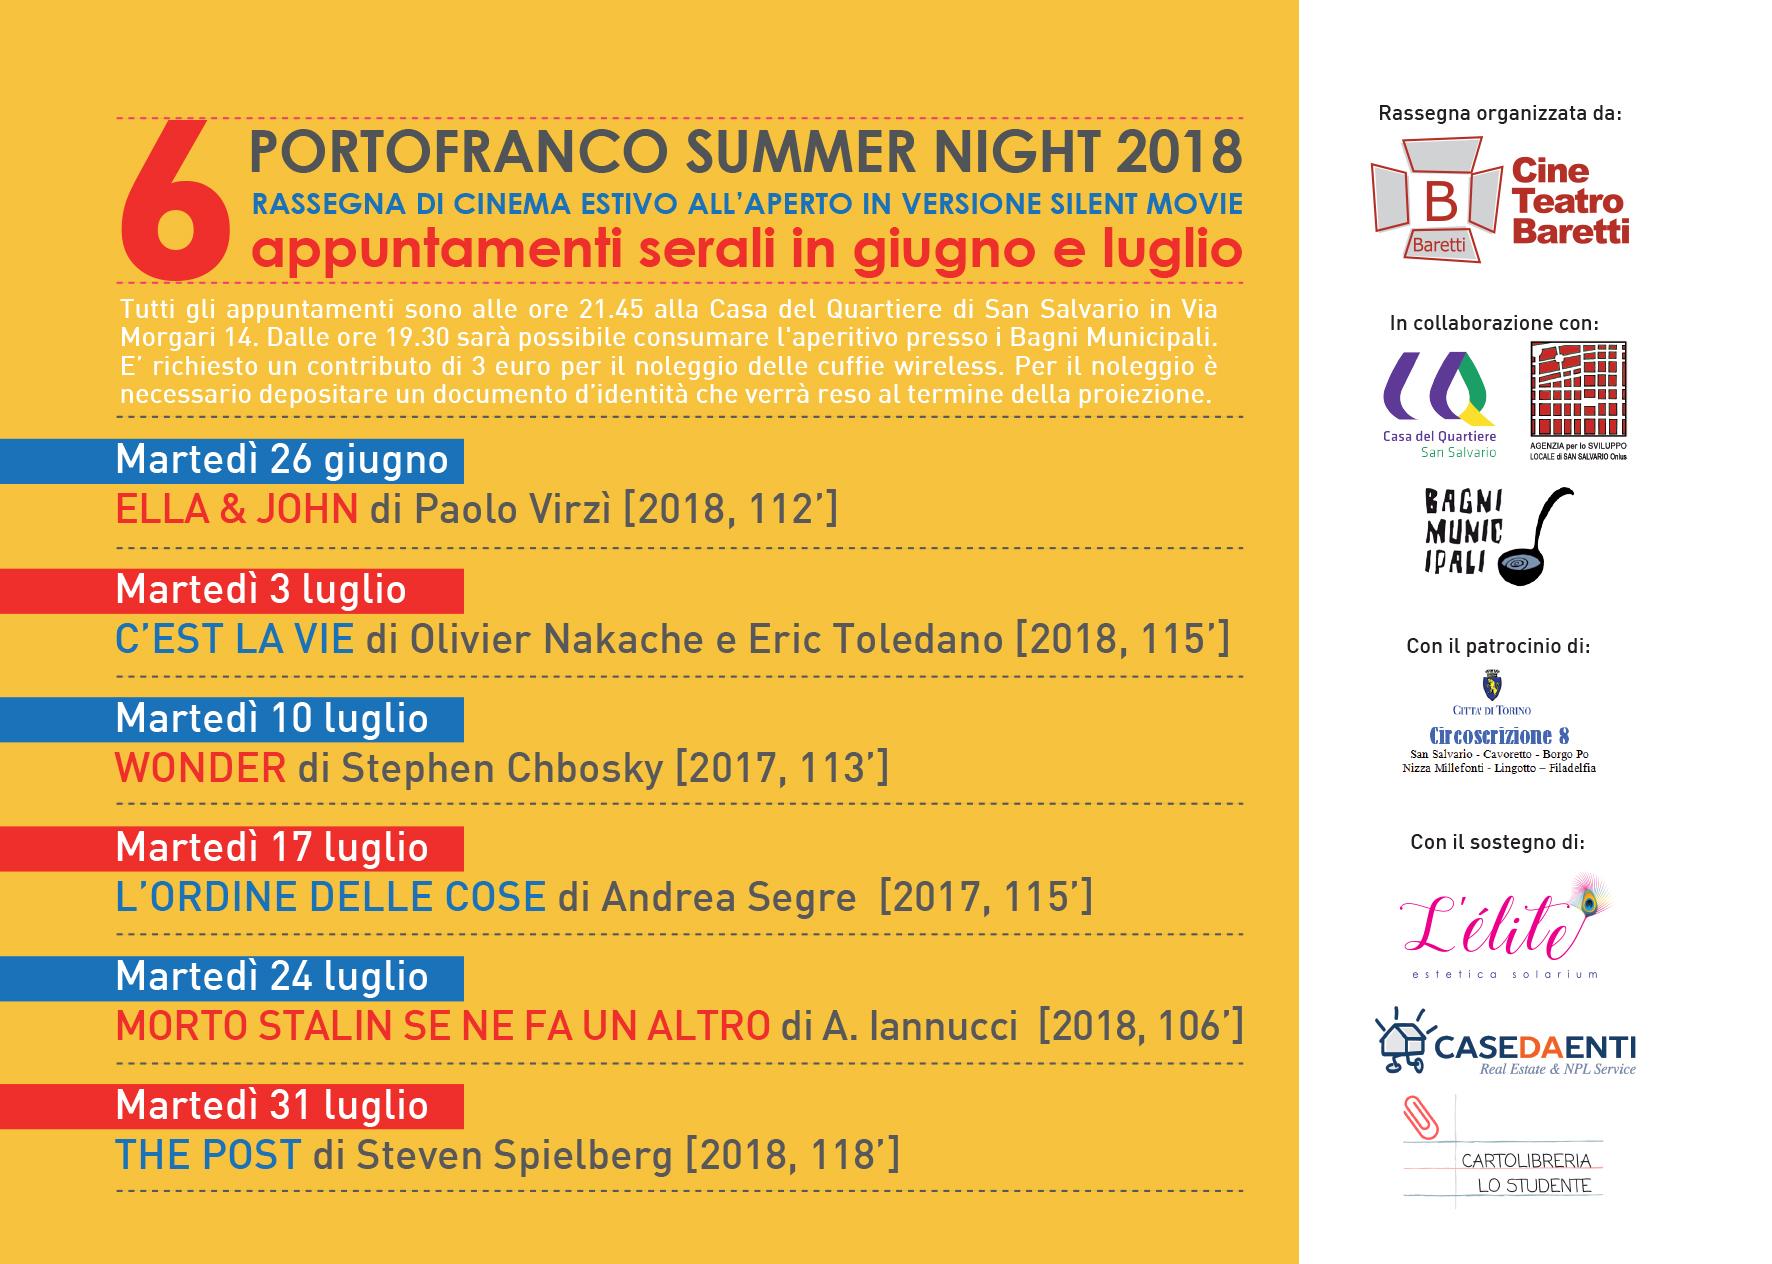 PORTOFRANCO SUMMER NIGHT 2018